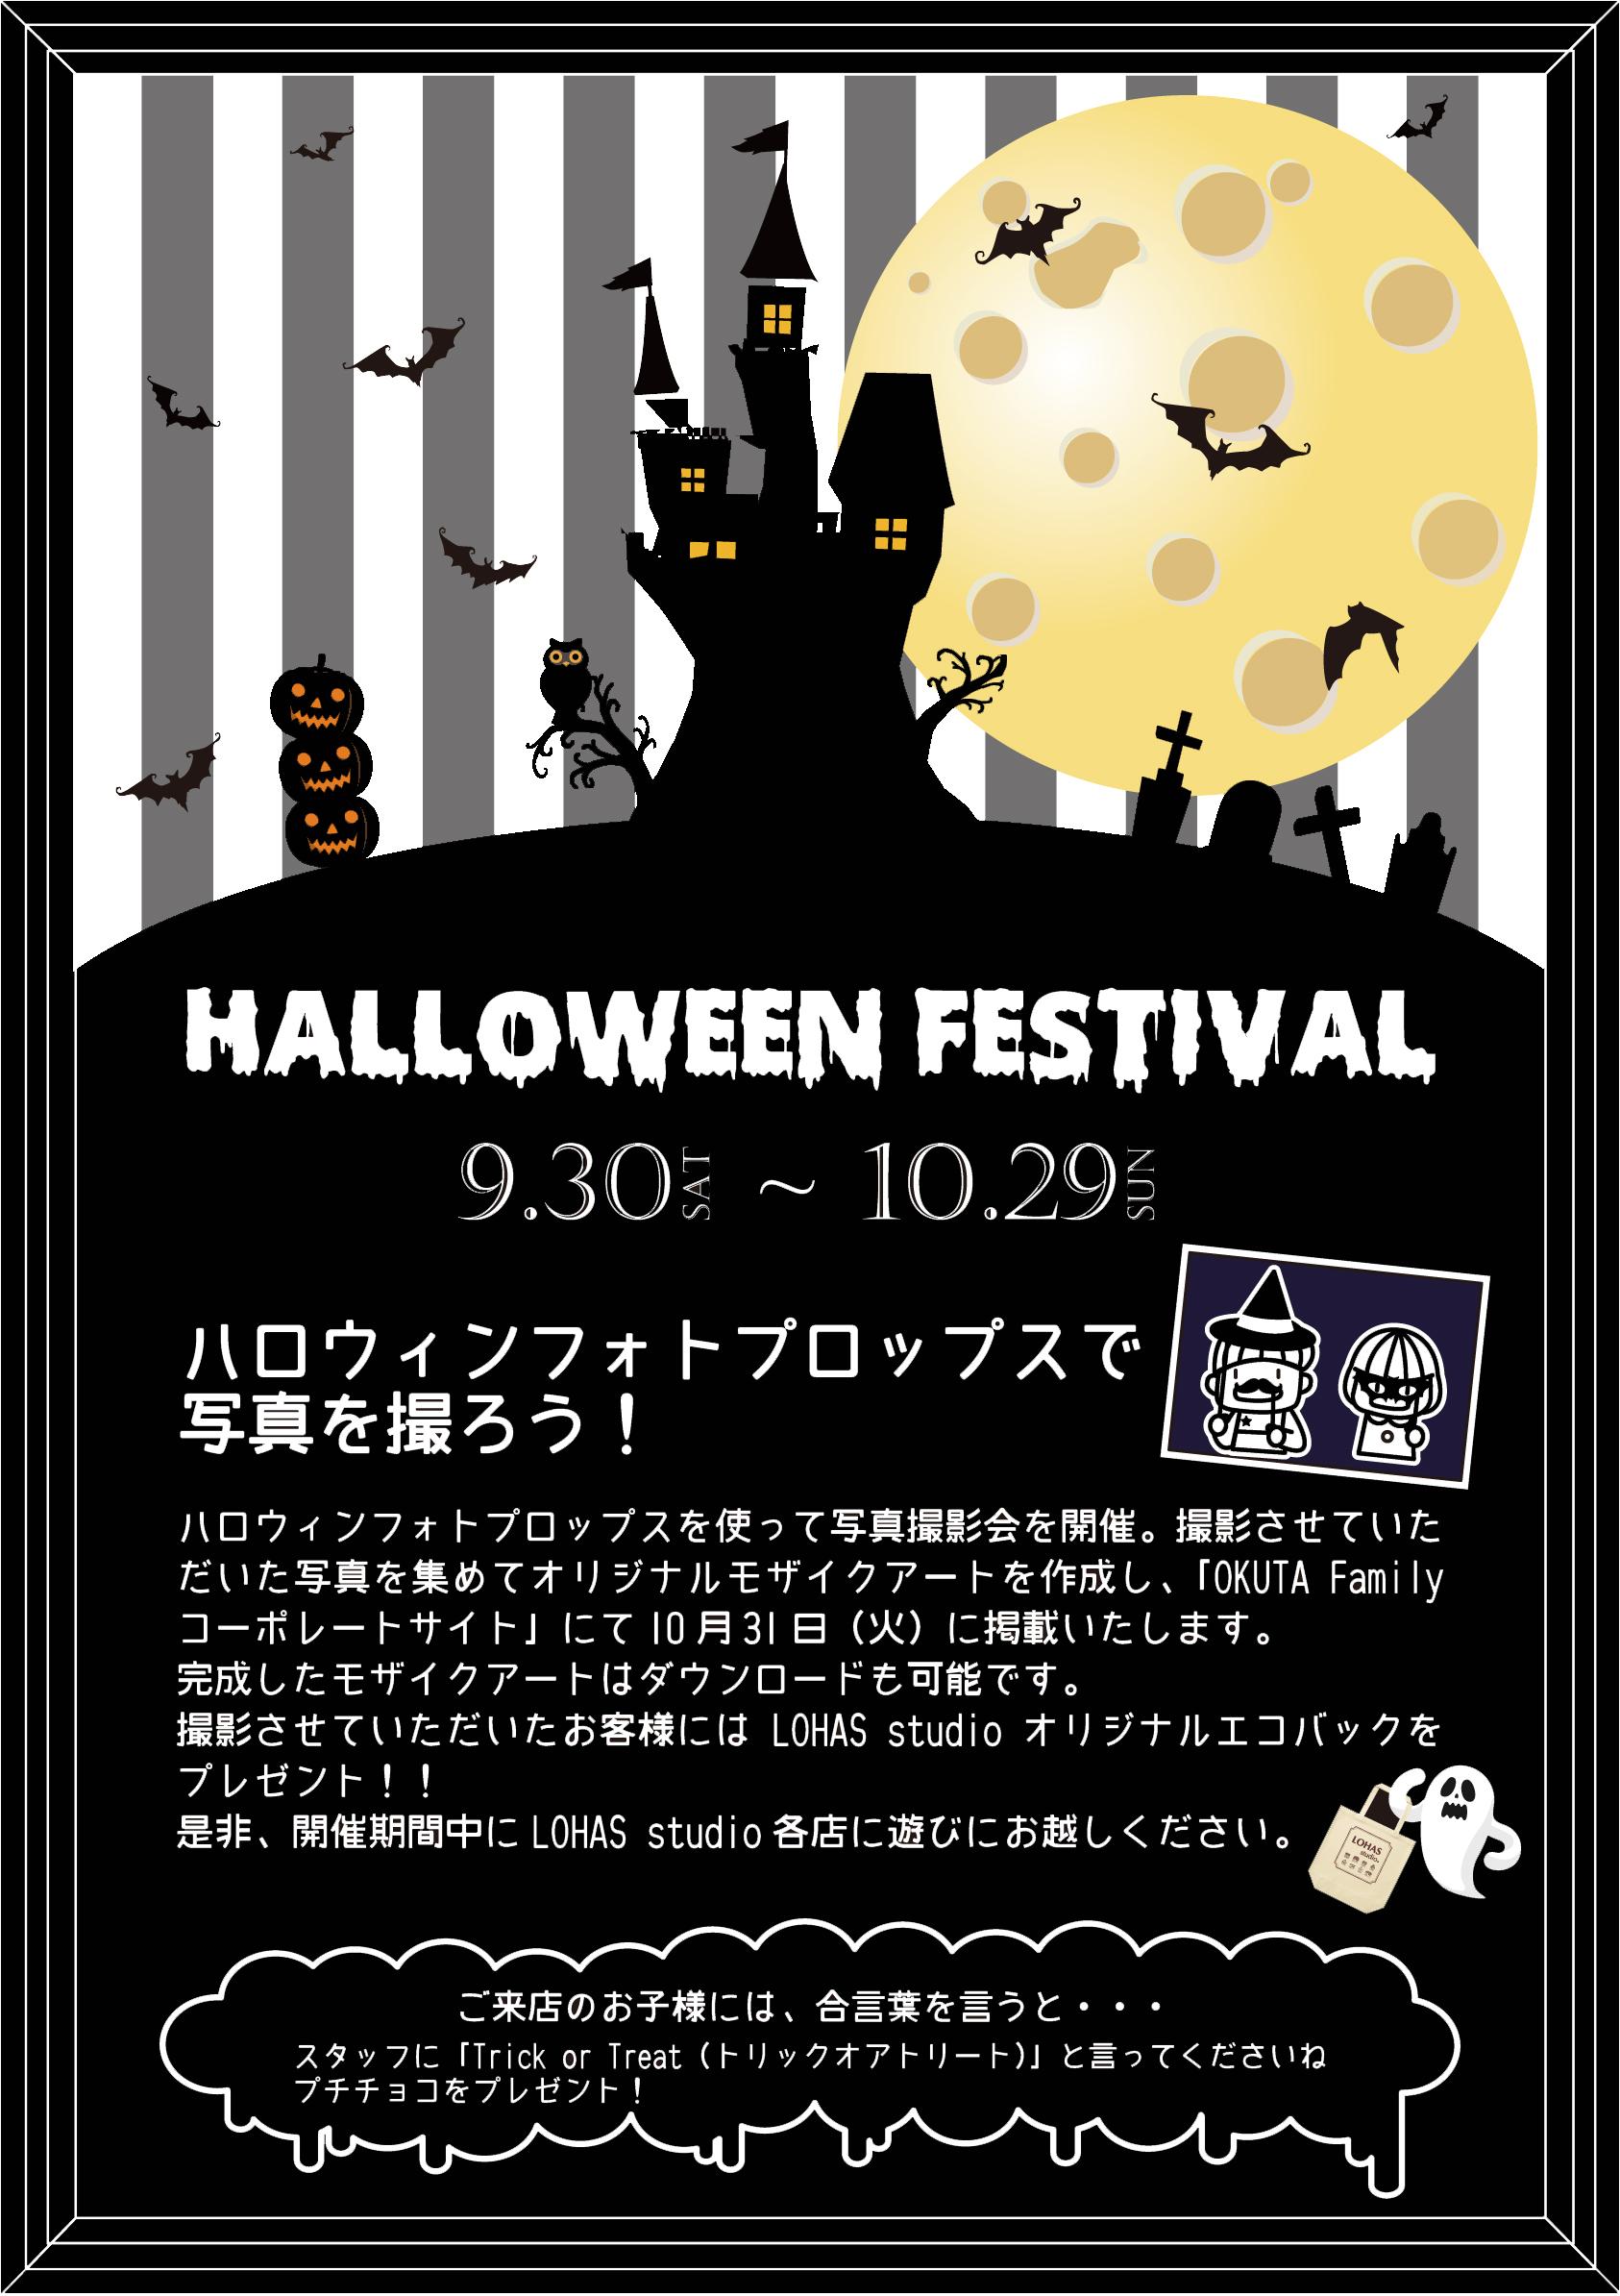 ハロウィンフェスティバル2017 (1)